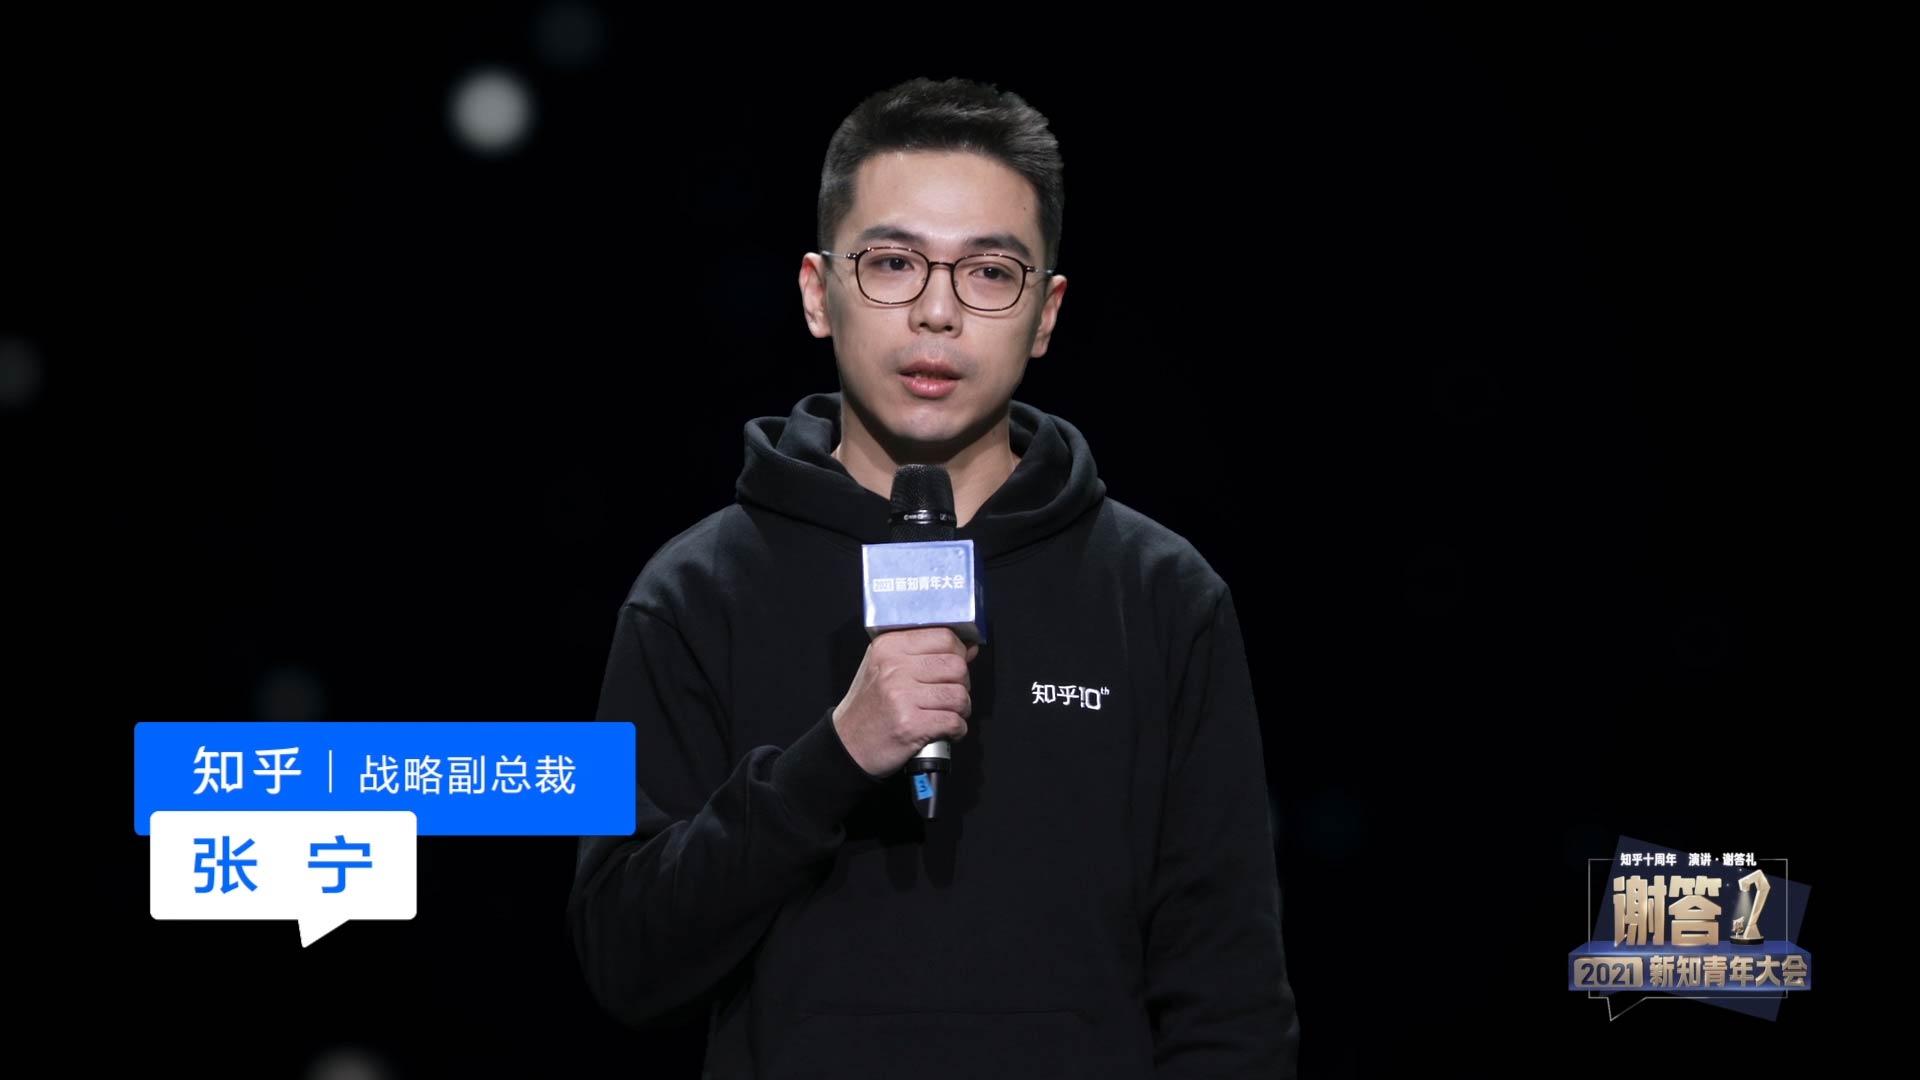 知乎战略副总裁张宁:每一个创作都可能成为爆款